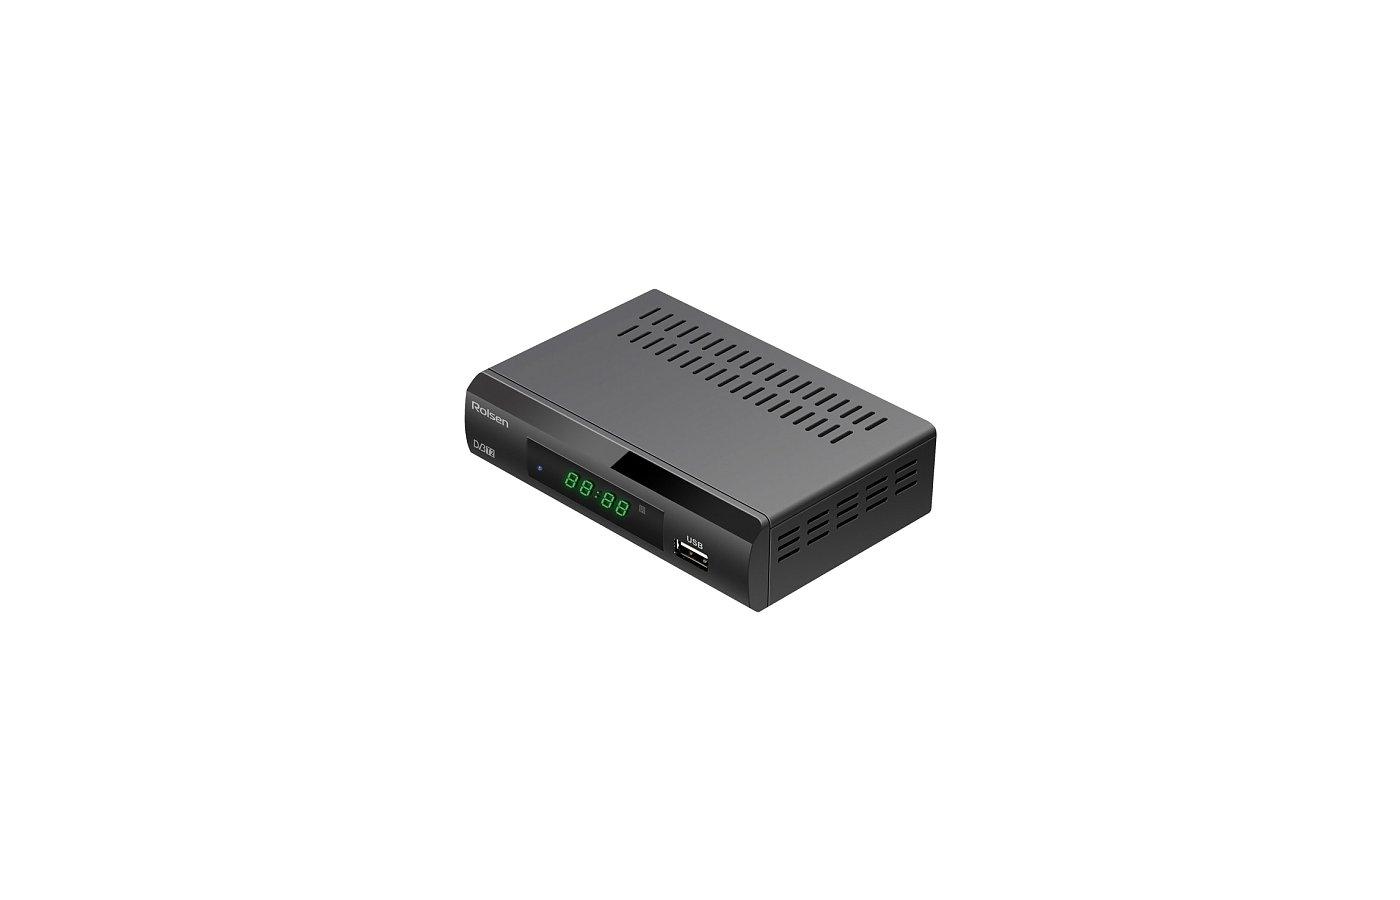 DVB-T2 ресивер Rolsen RDB-529